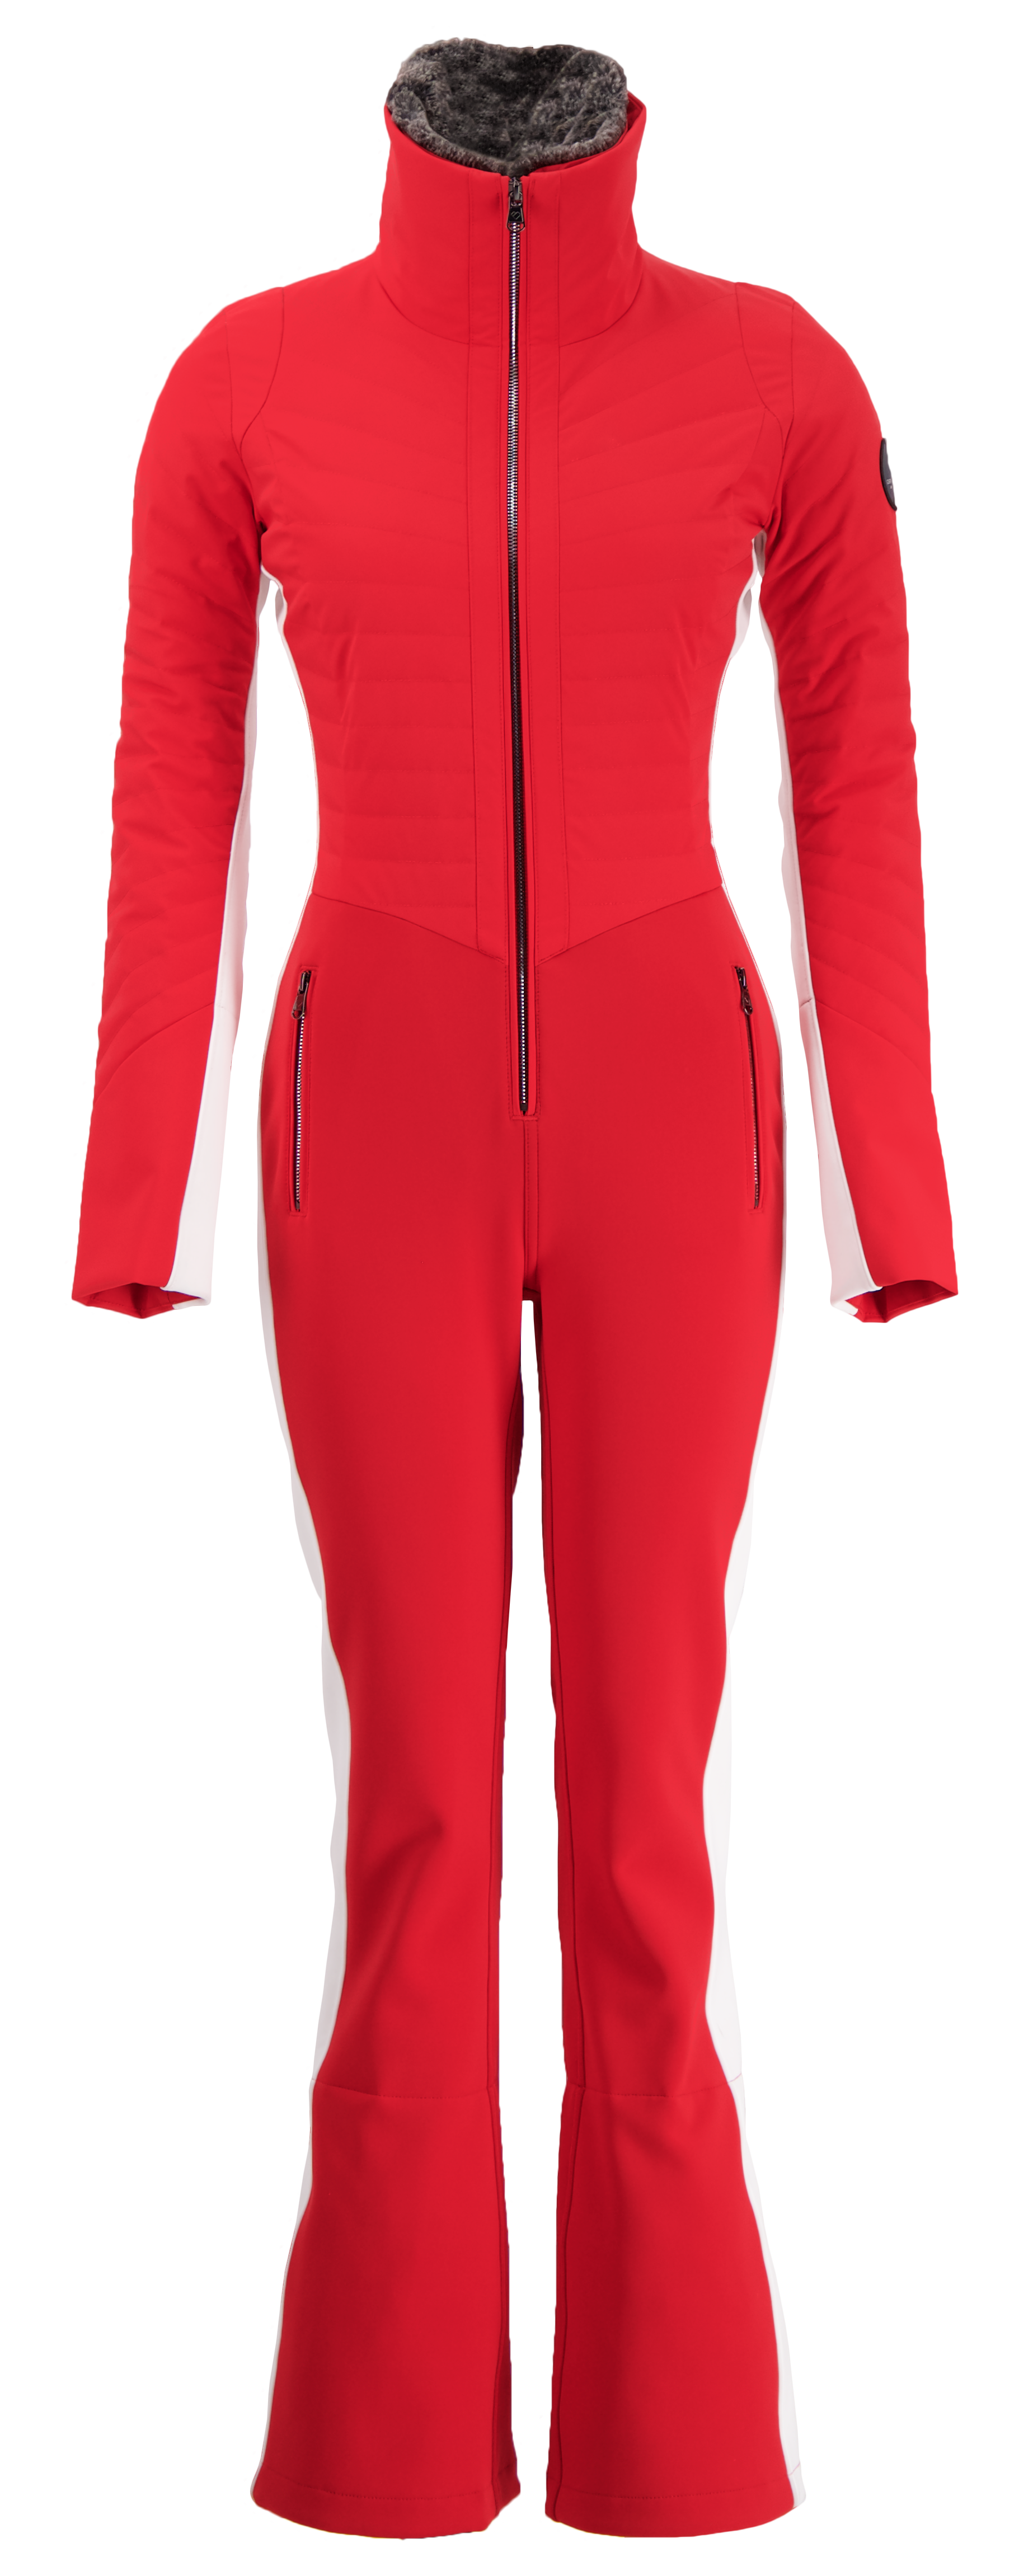 Völkl Aurora 2009-2010 Women's Ski